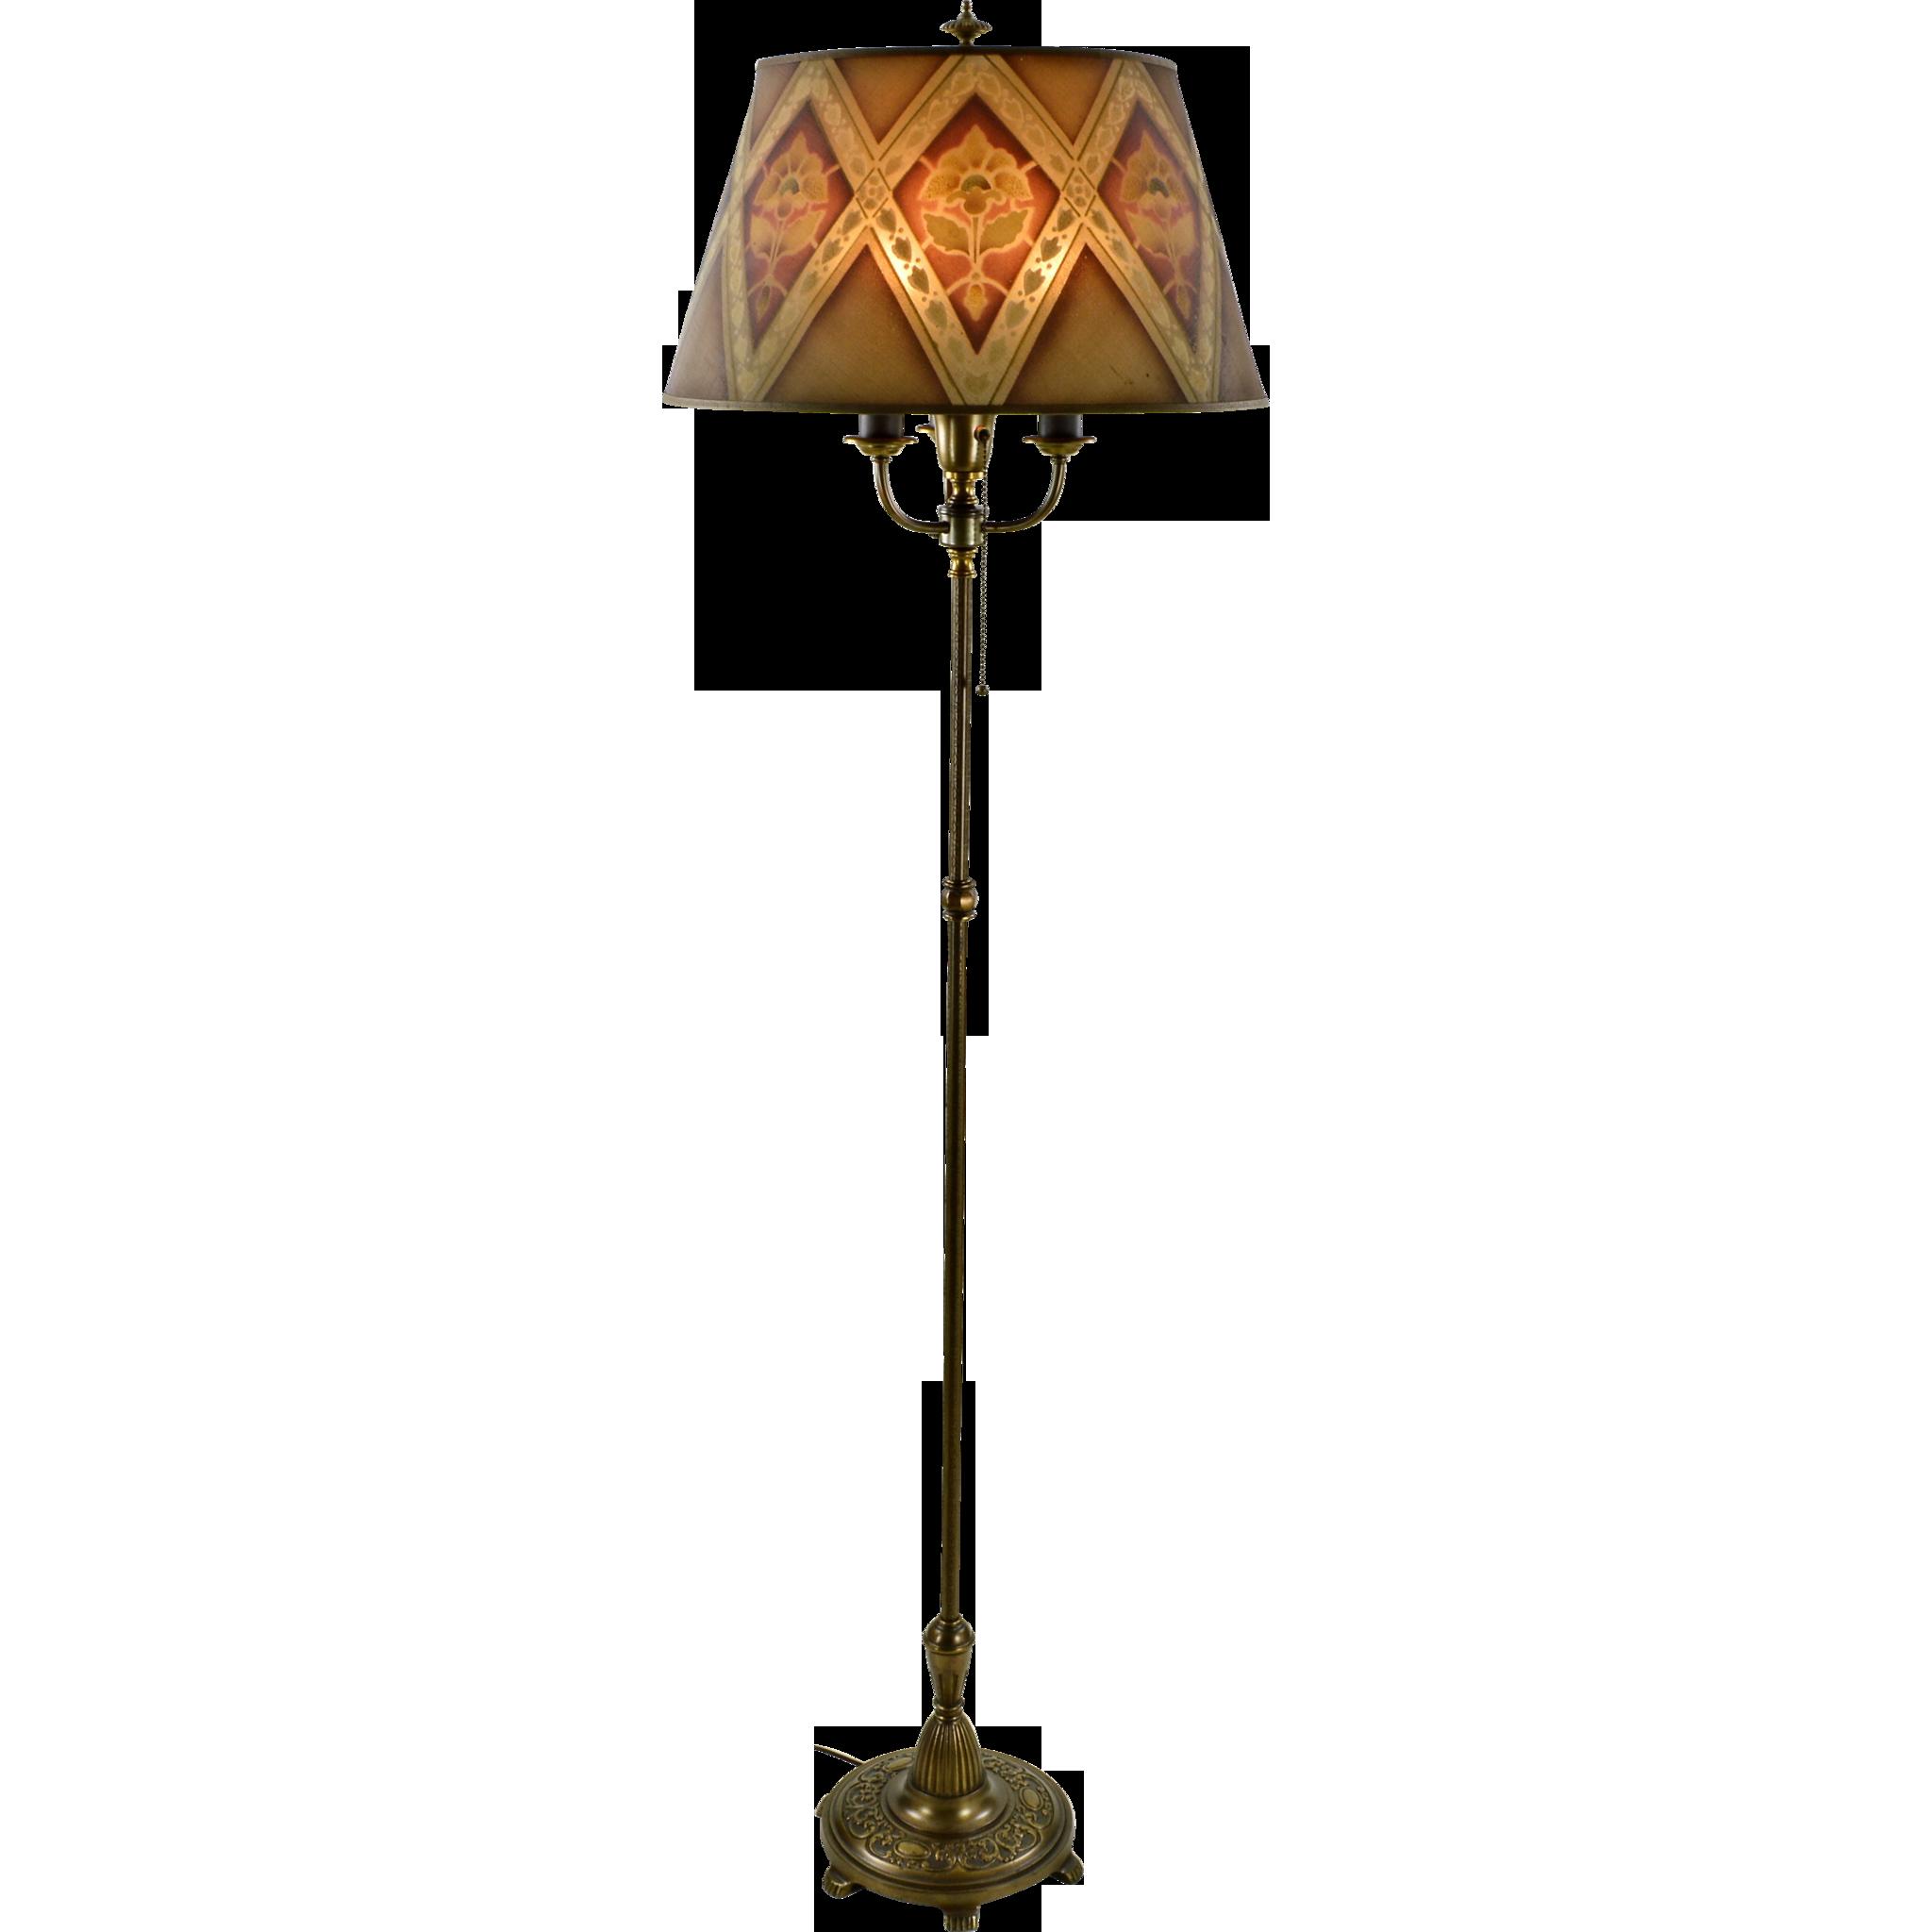 Vintage Floor Lamp Shade 73